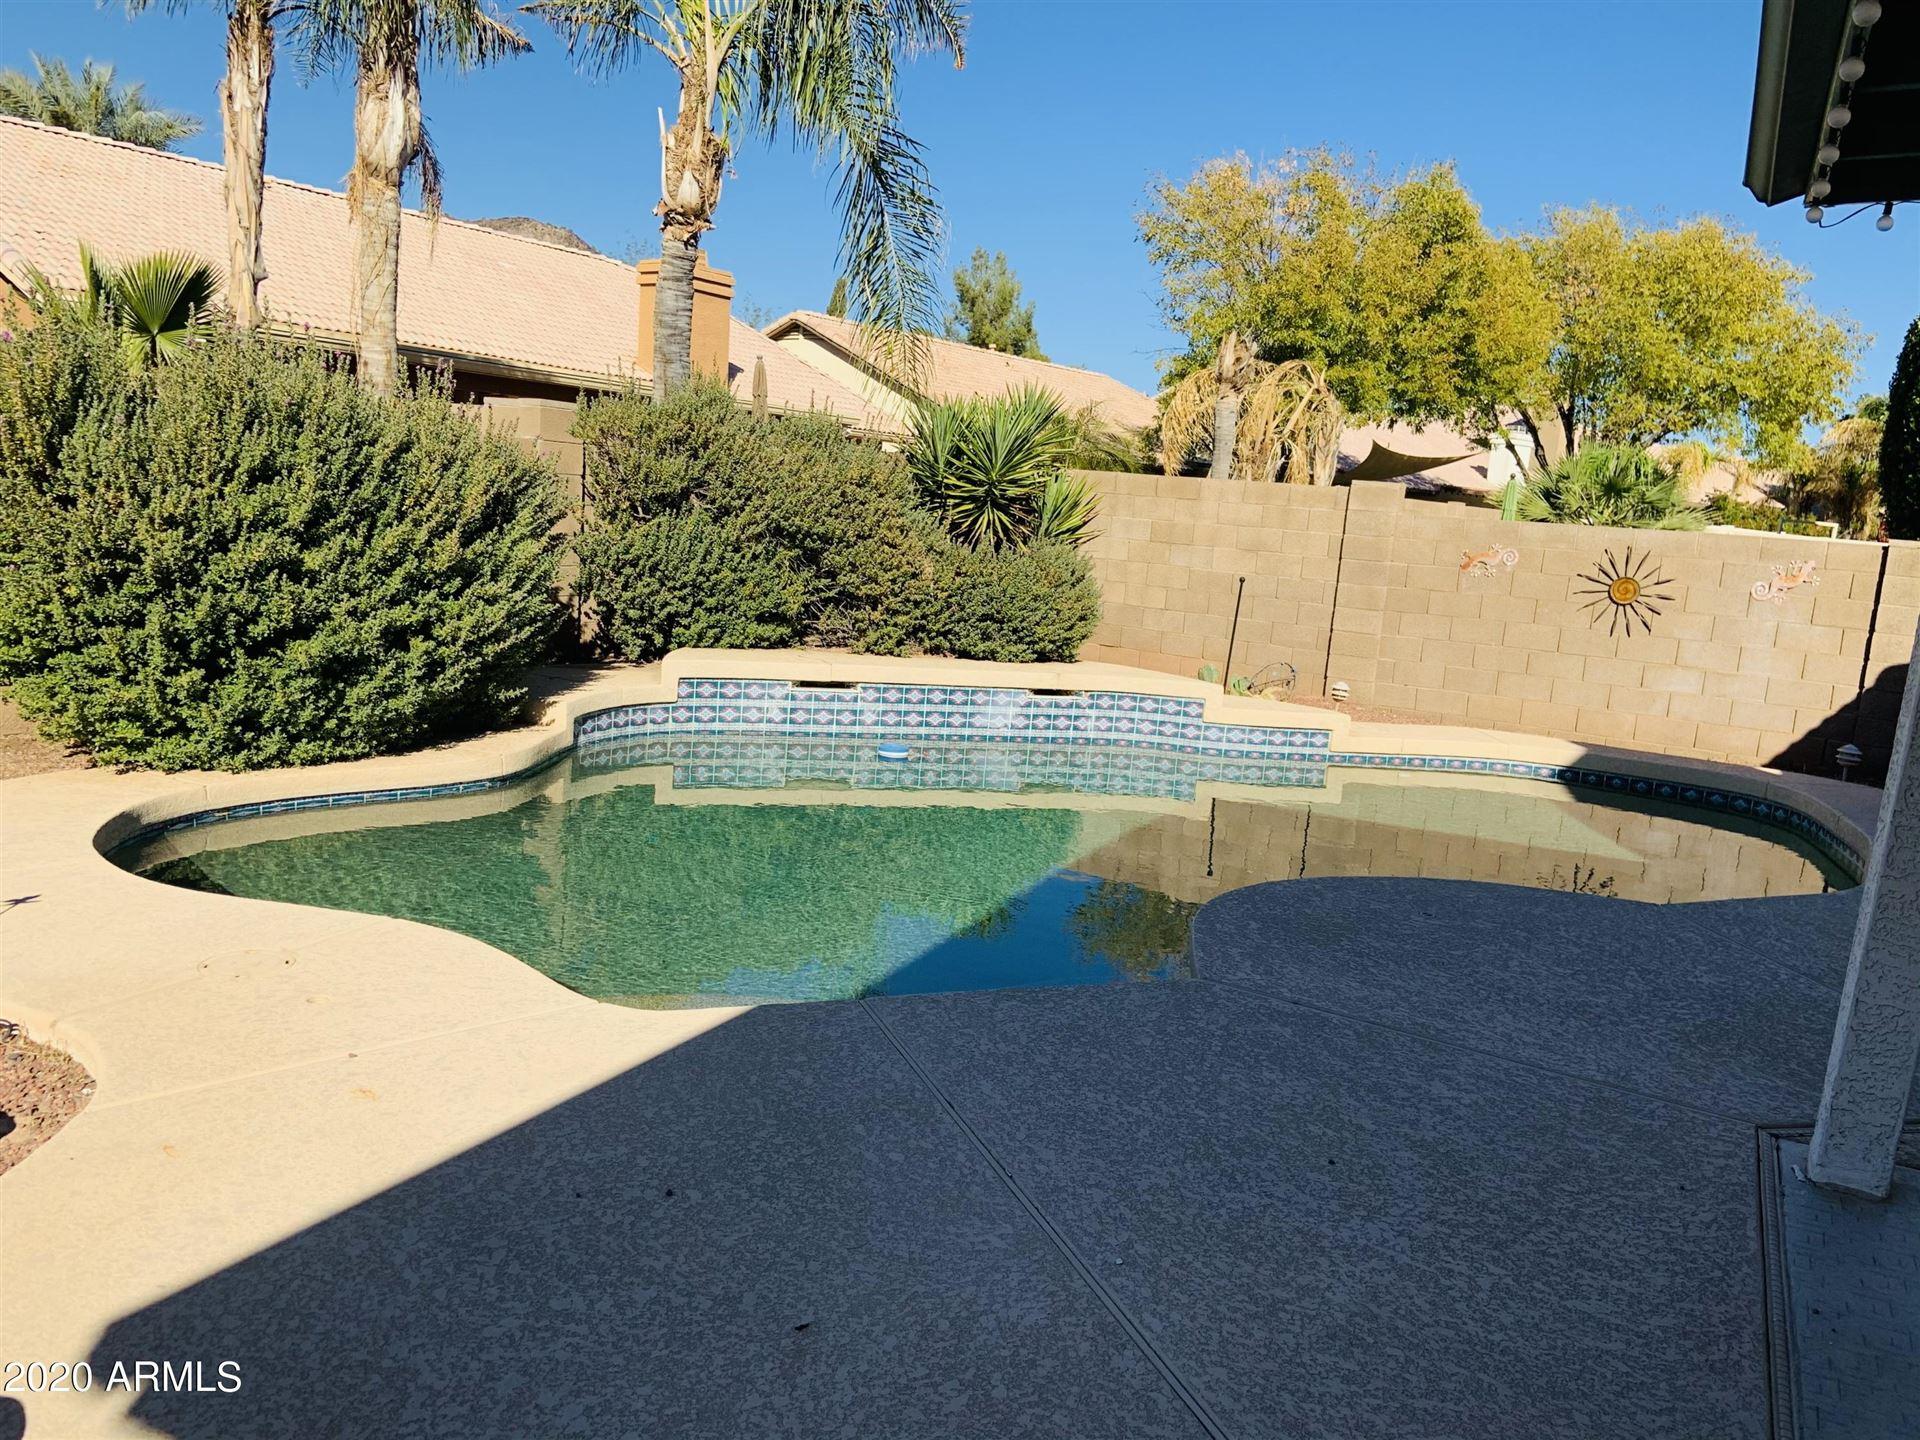 Photo of 5974 W Calle Lejos Drive, Glendale, AZ 85310 (MLS # 6268872)